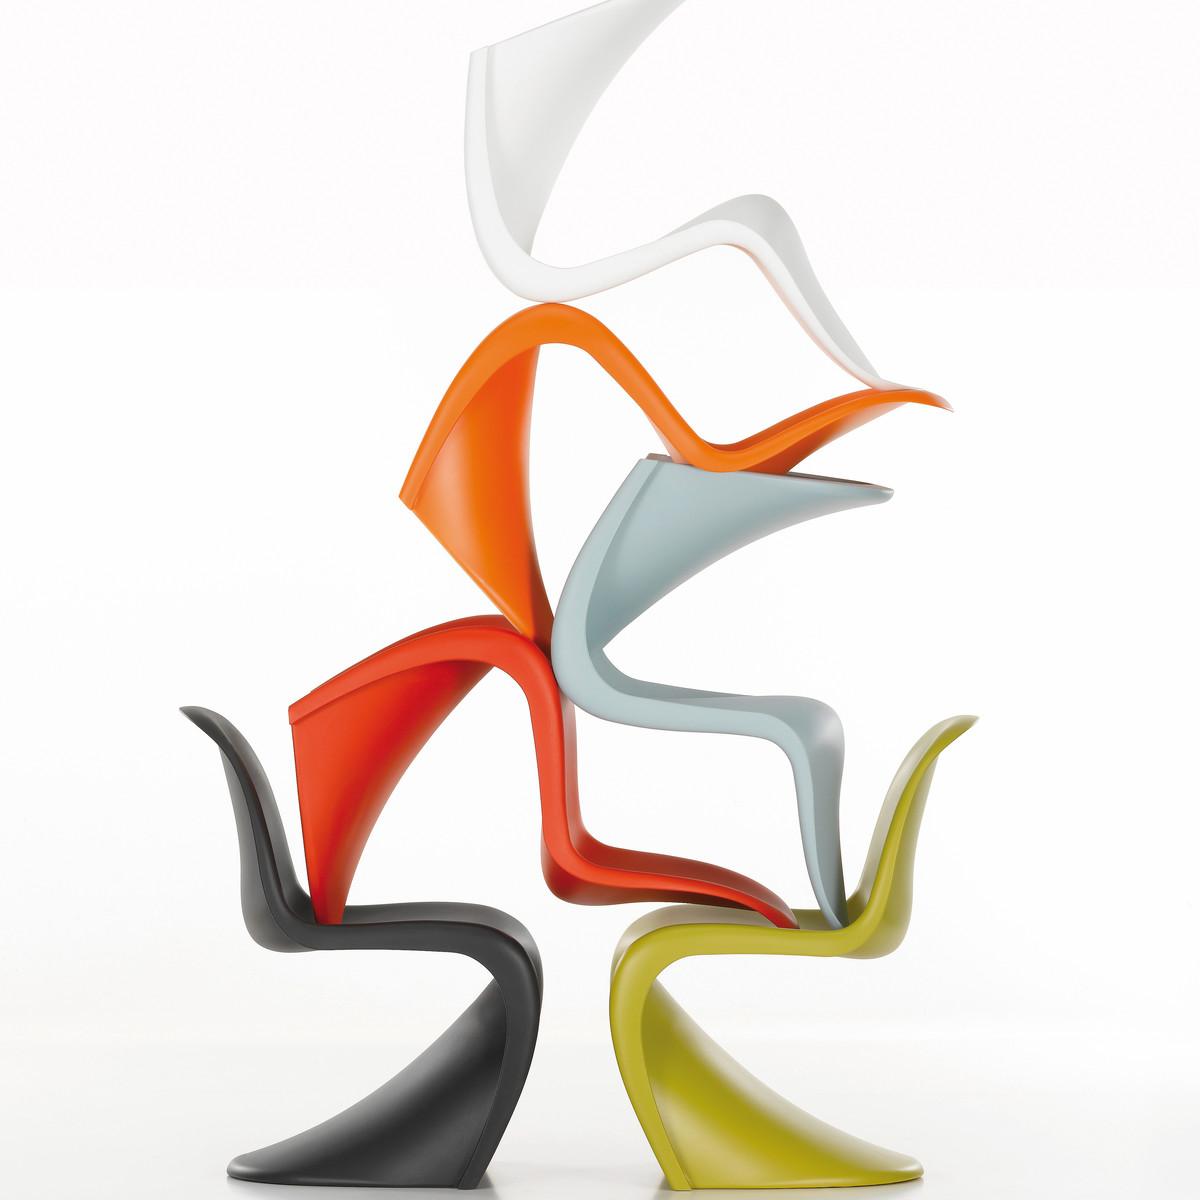 Panton Chair von Vitra im Wohndesign-Shop